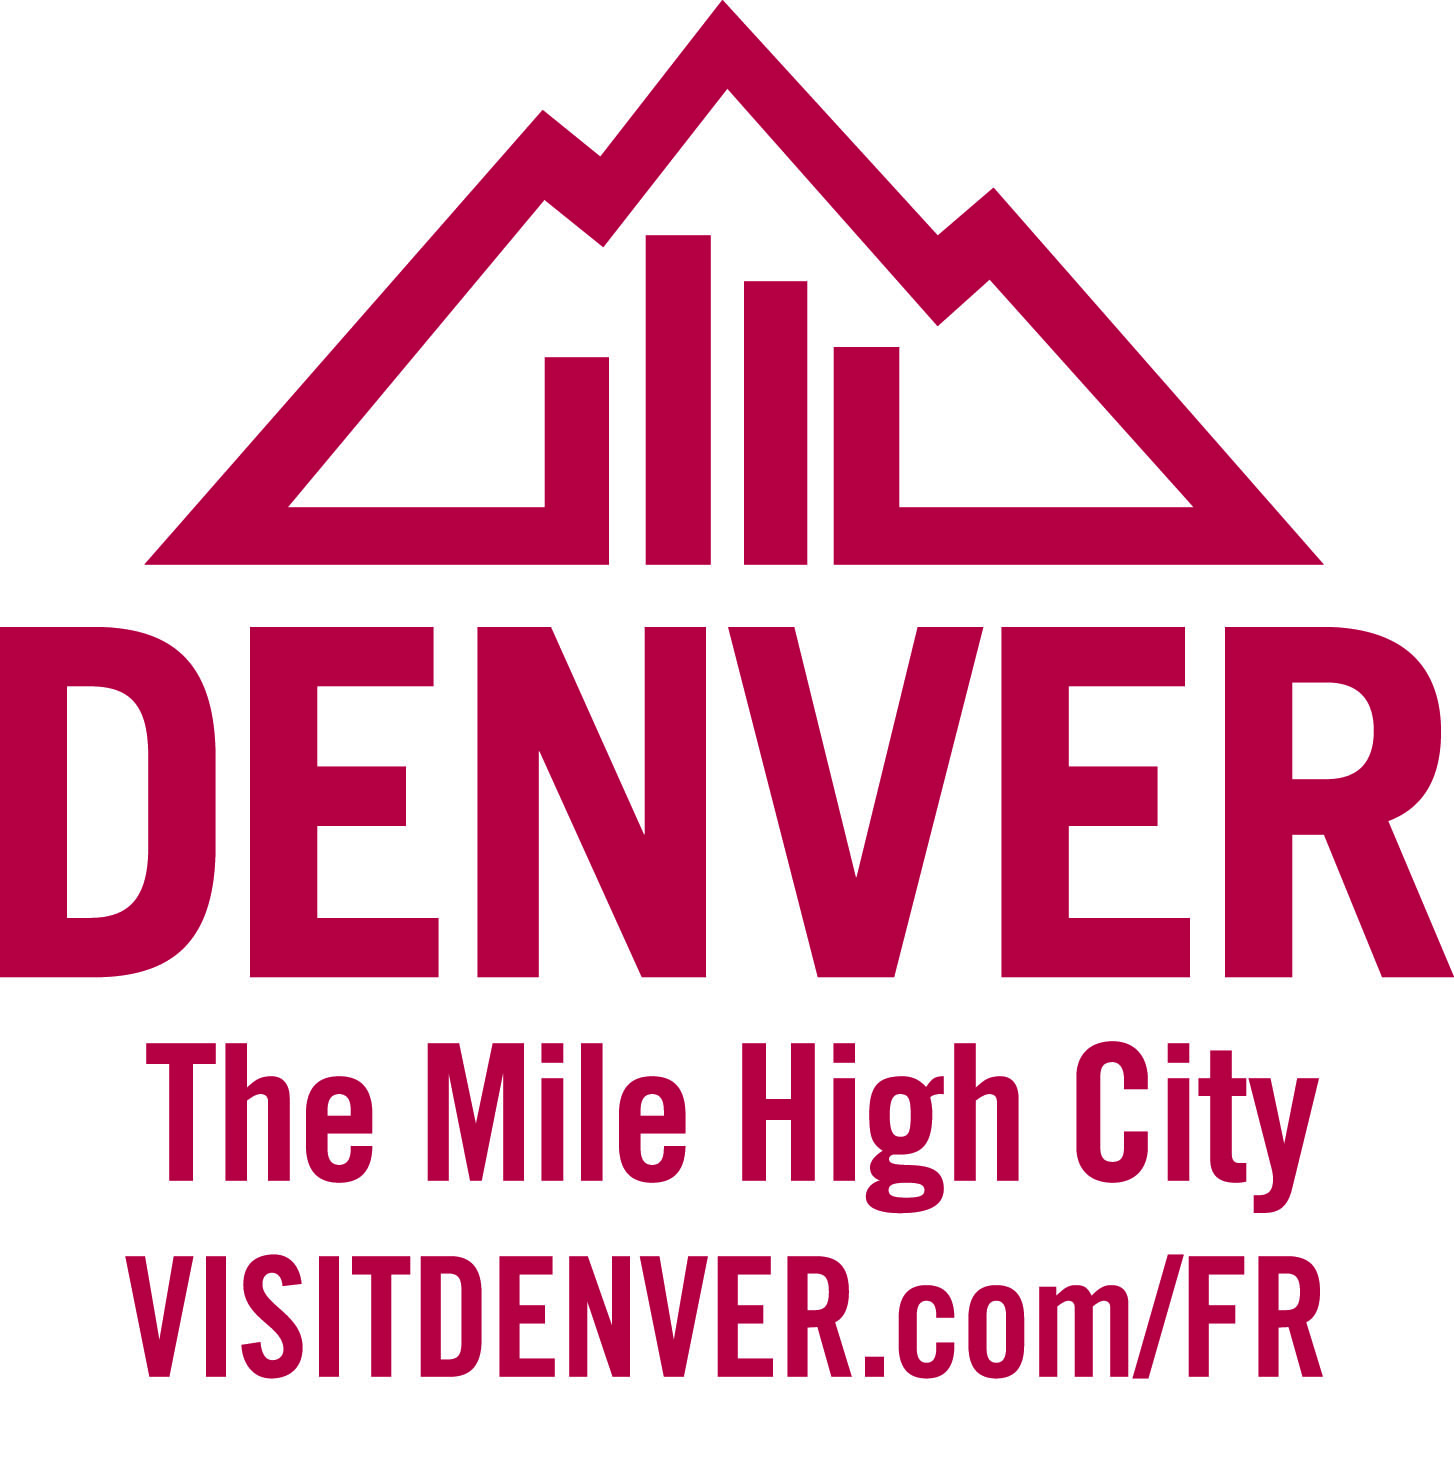 sites de rencontres en ligne Denver